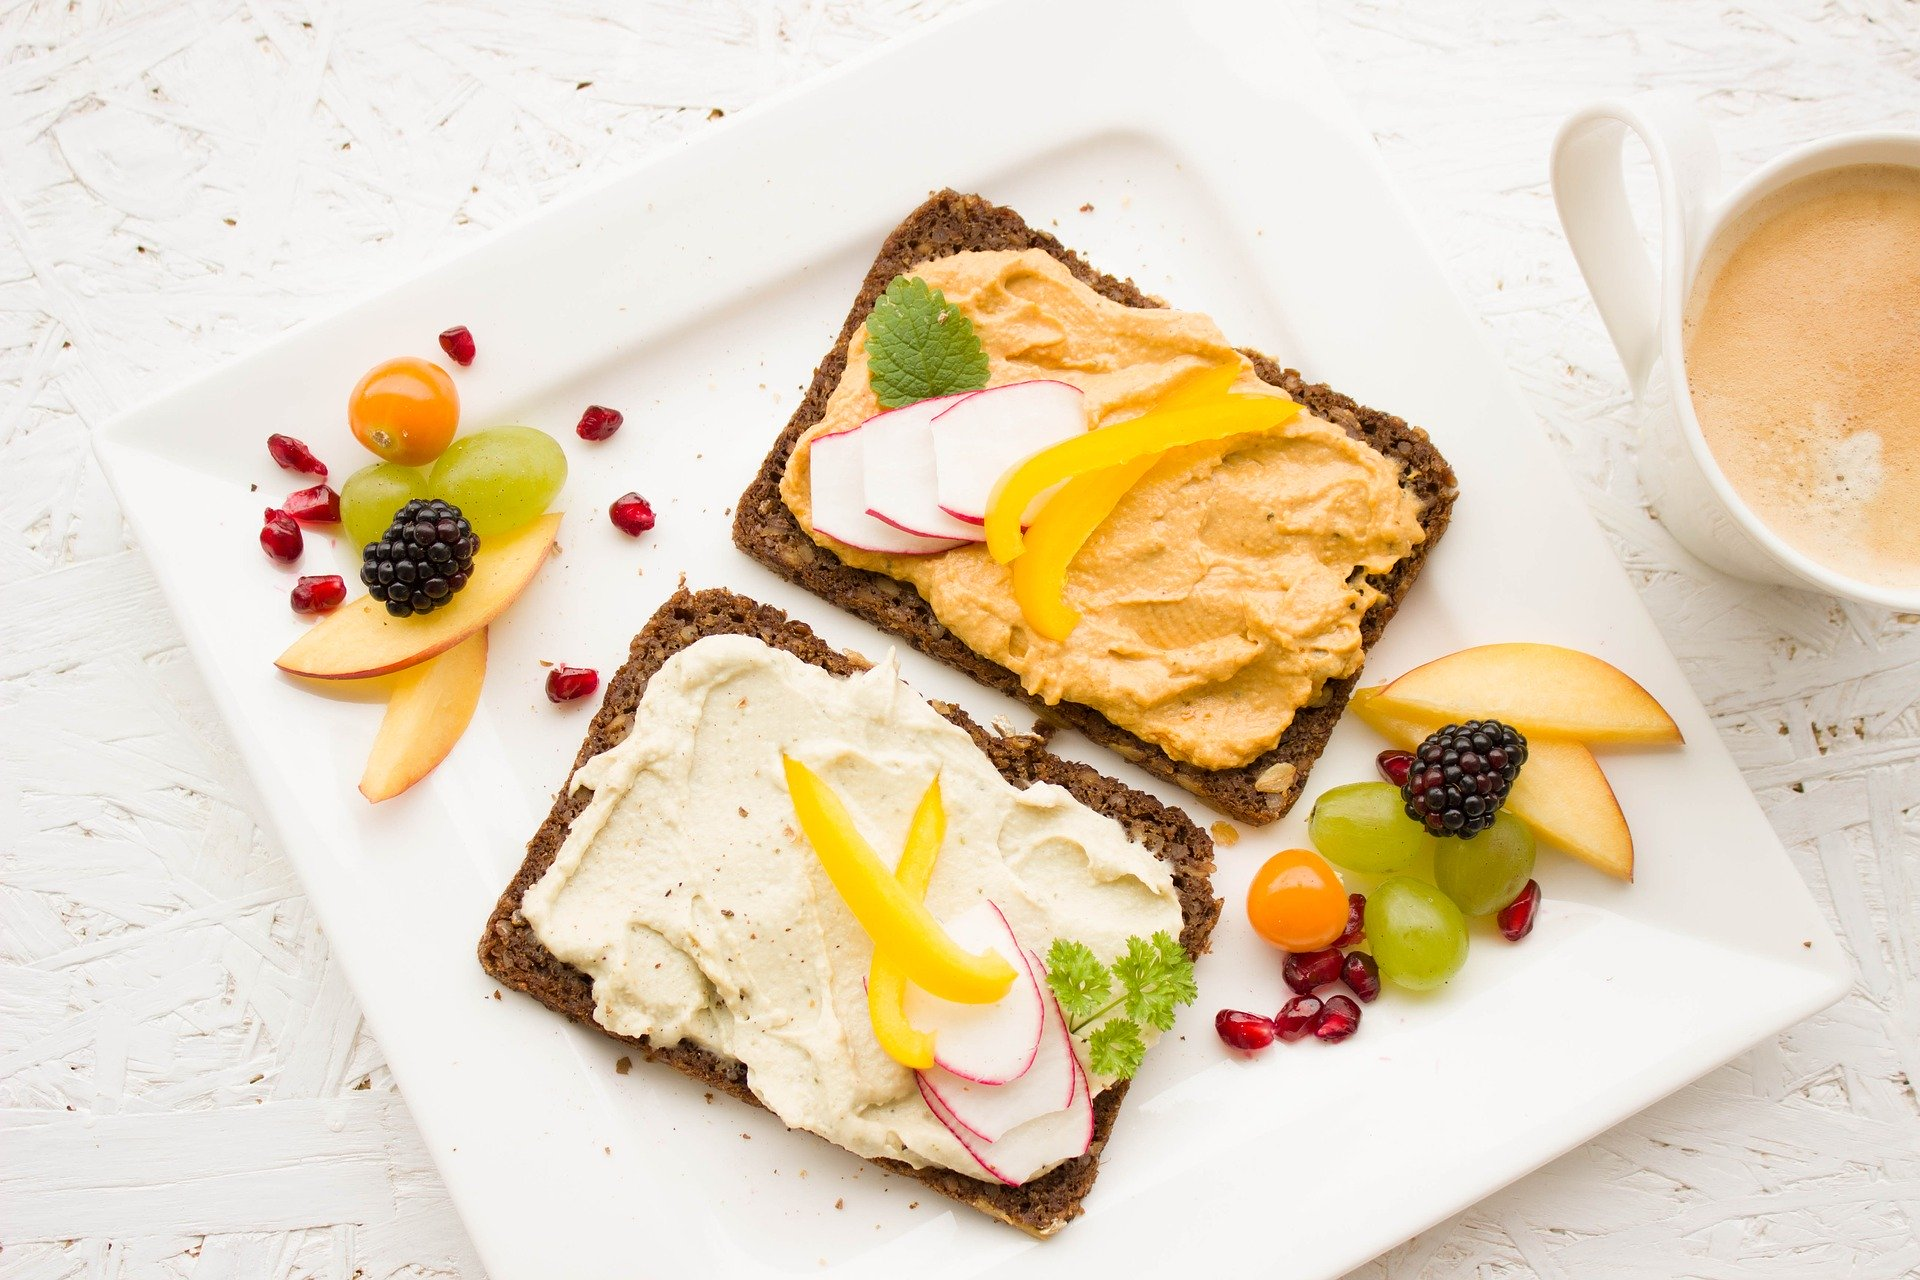 朝食をたべないと太る